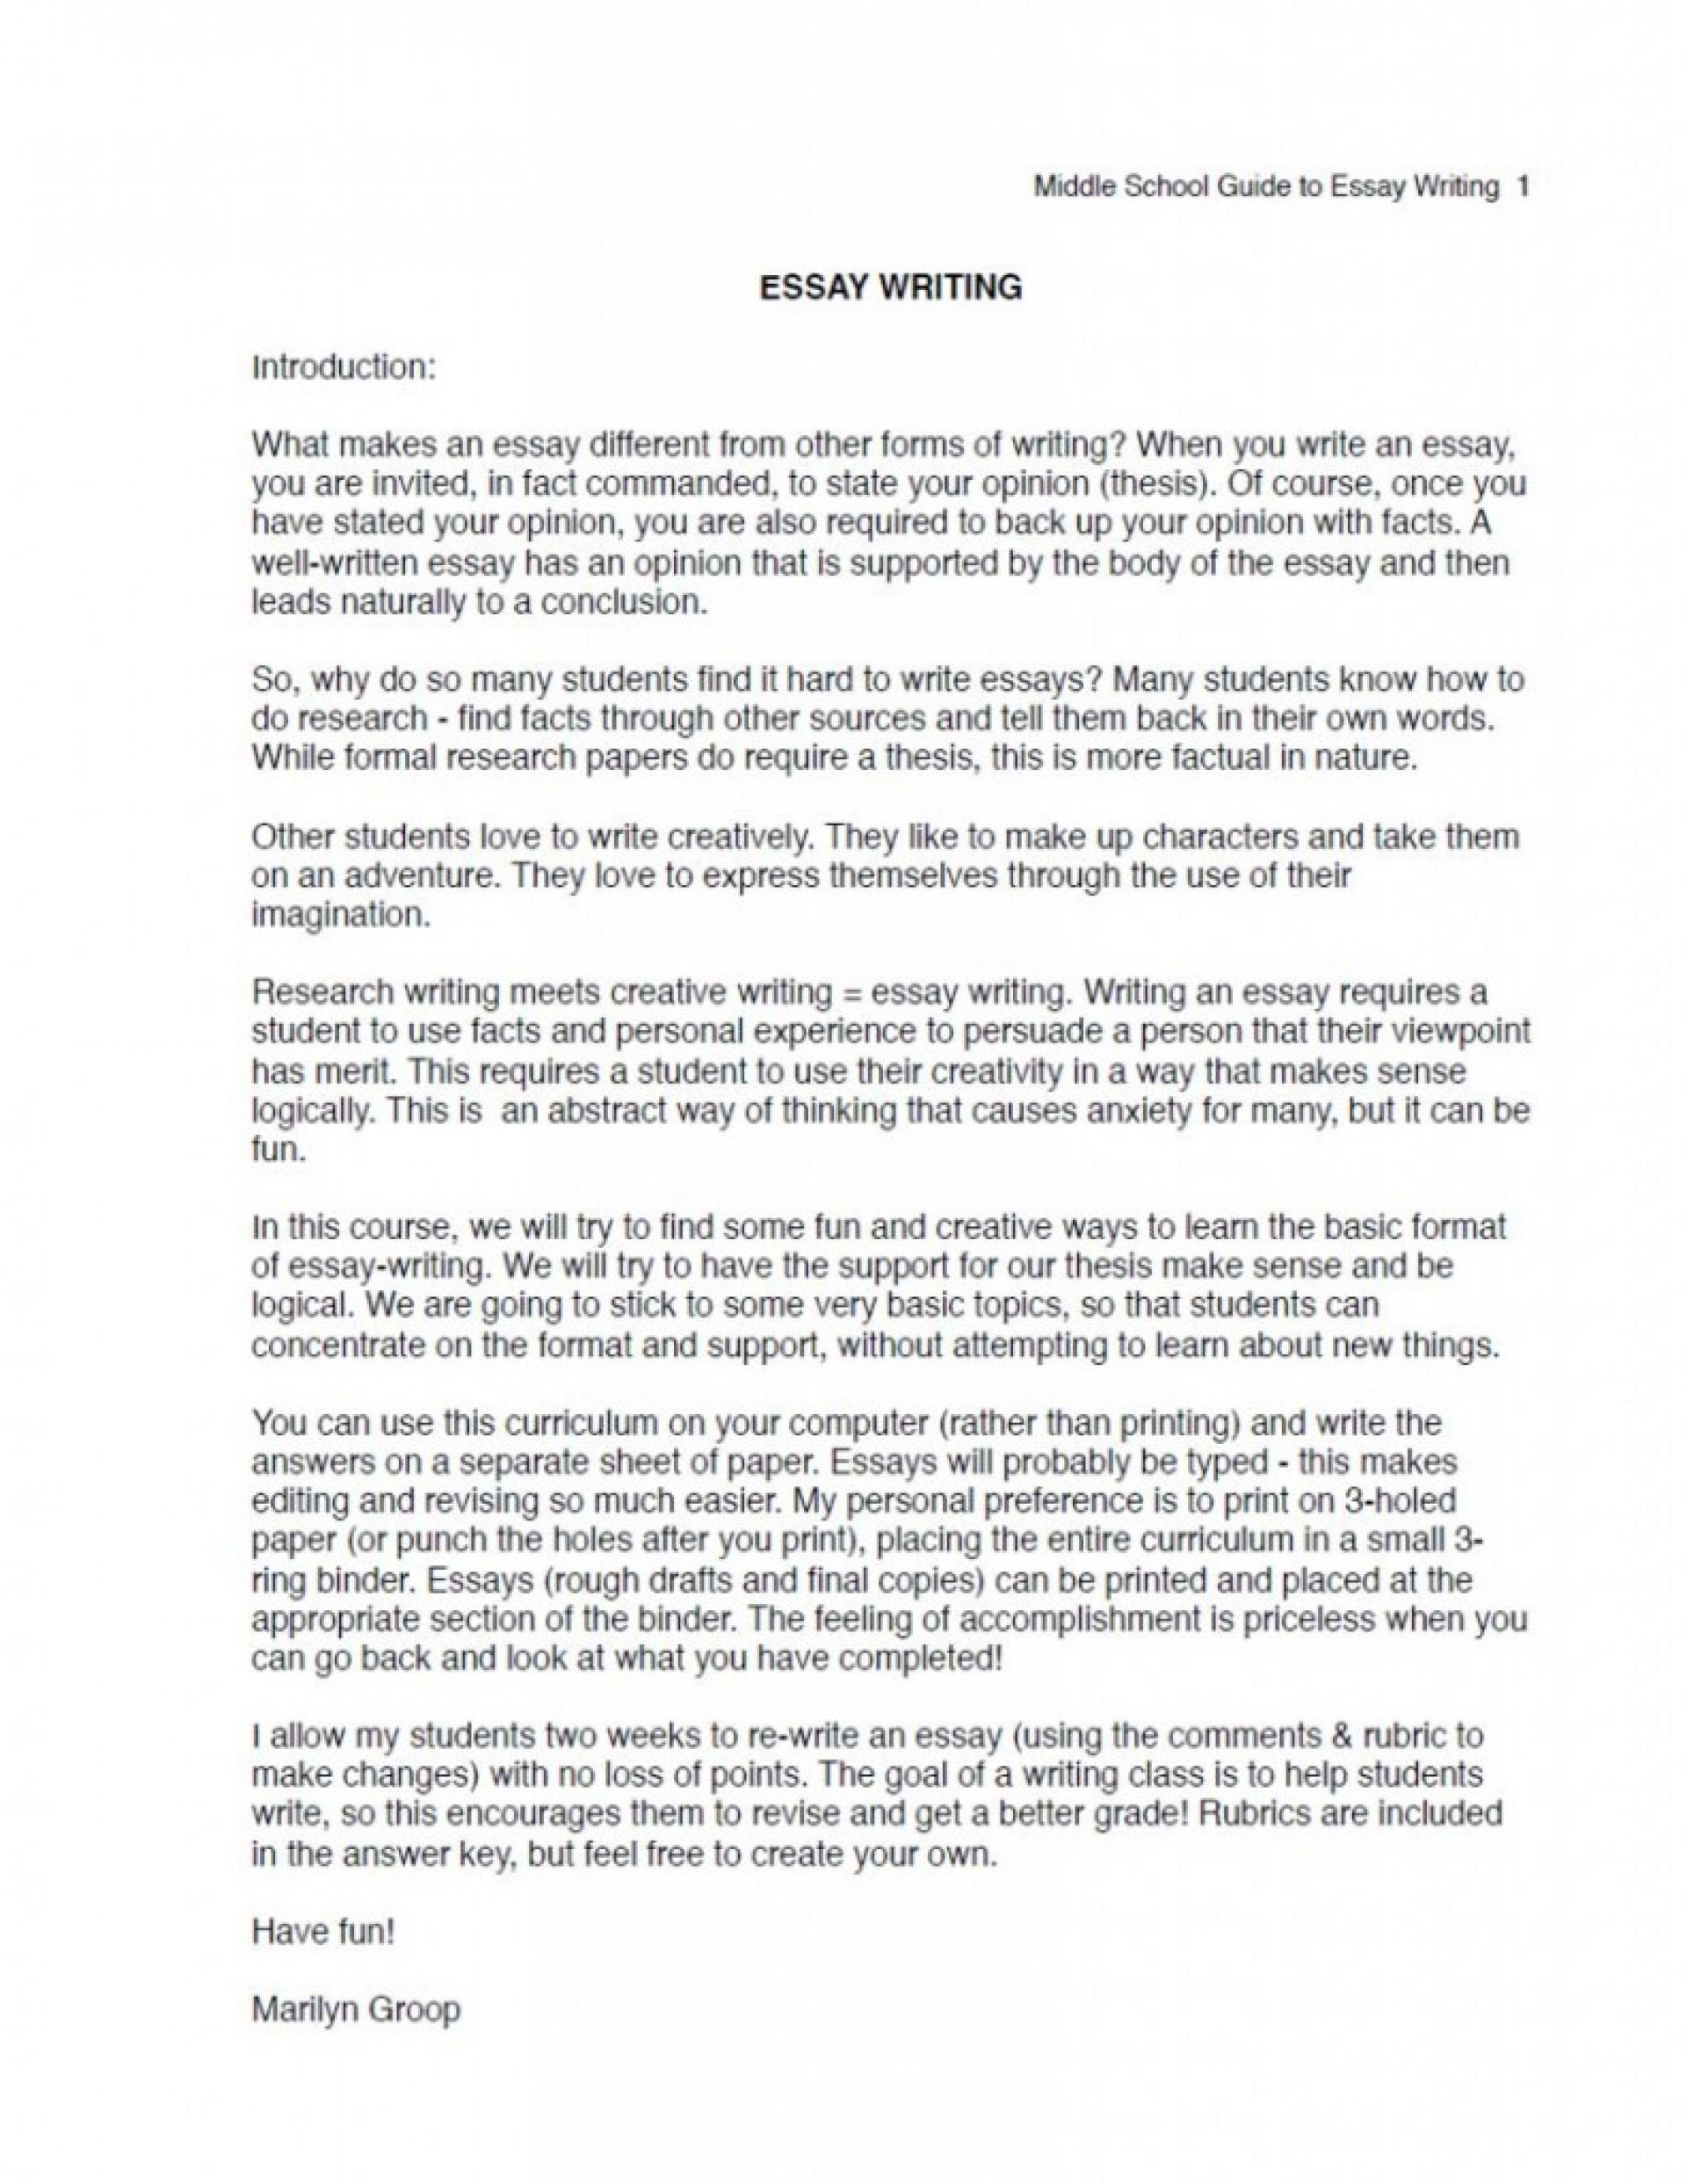 022 Njhs Essay Samples Ms Excerpt 791x1024 Wondrous 1920